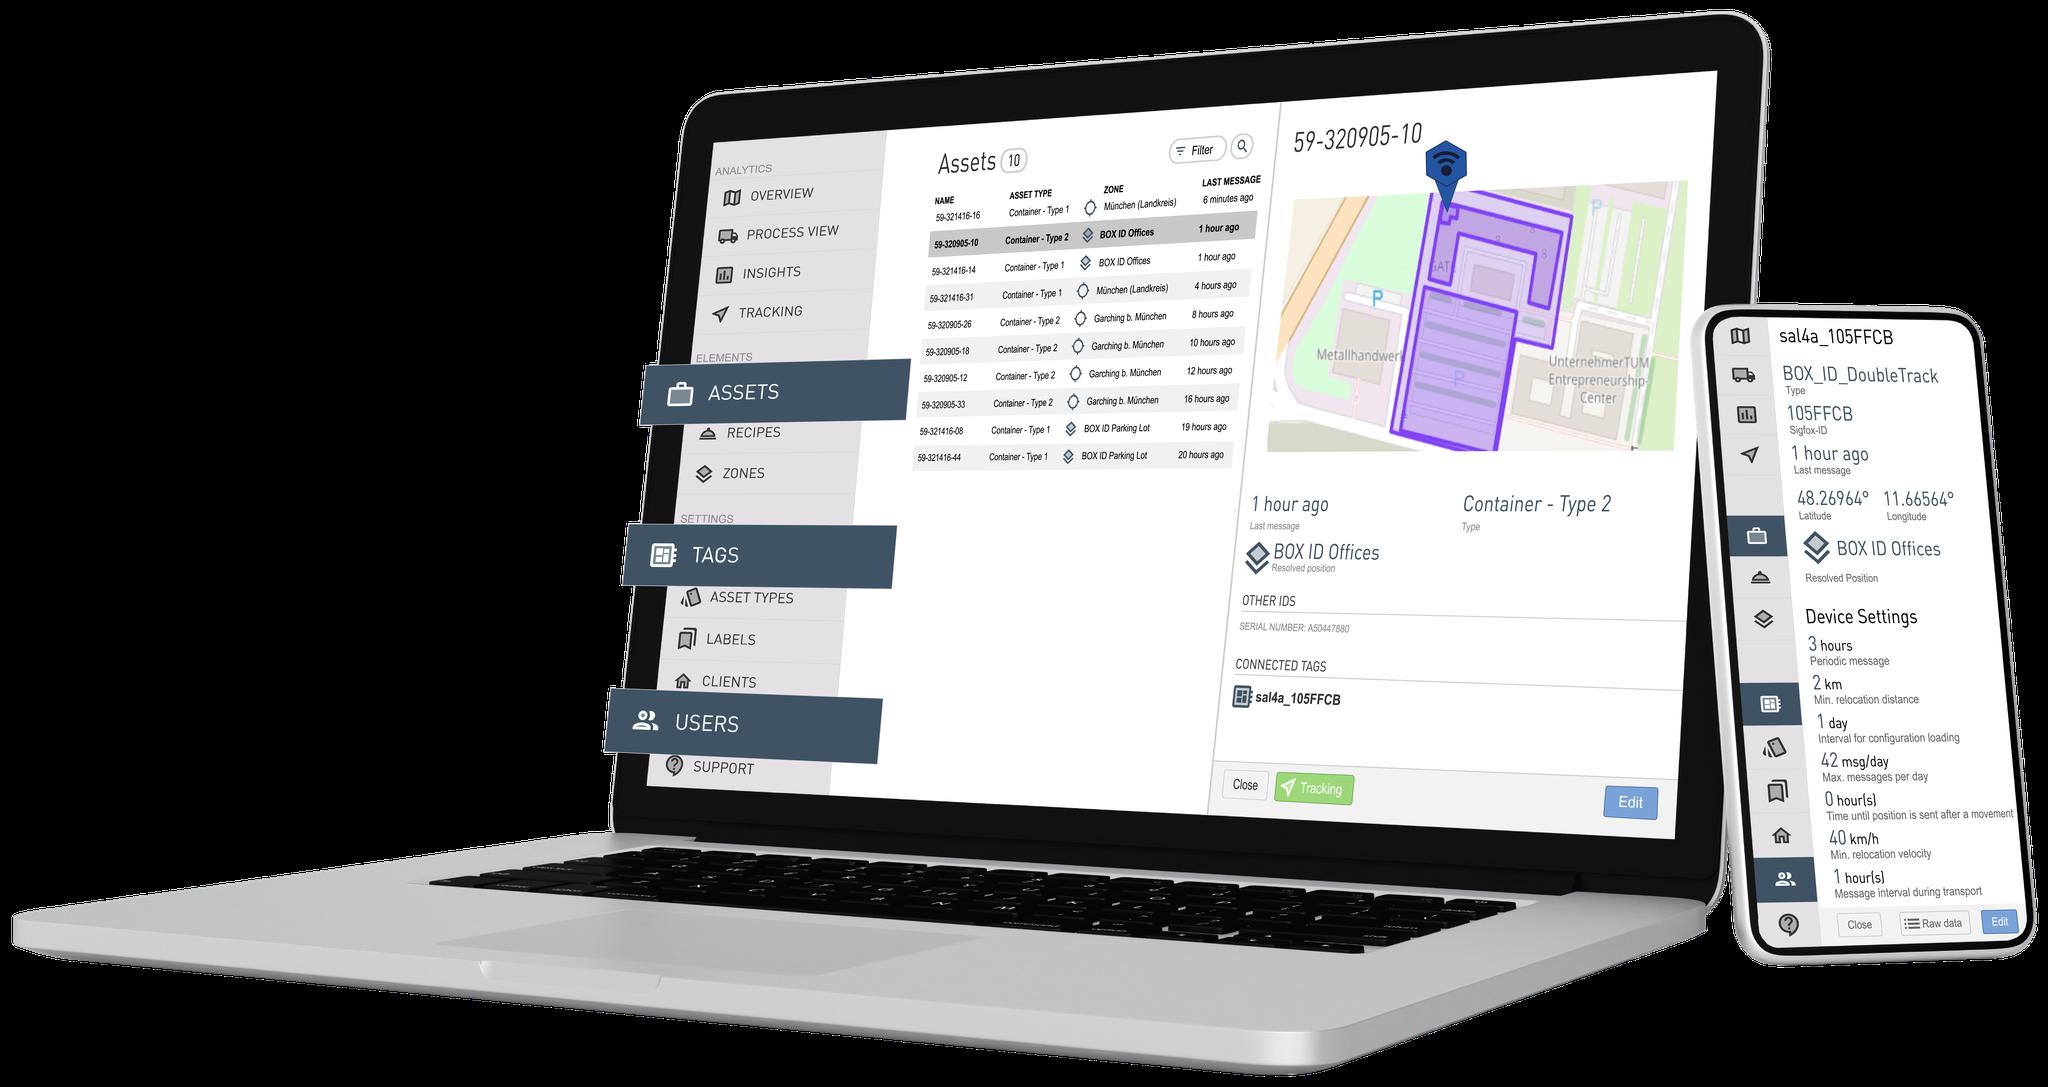 Herramientas de gestión: administración global de datos de los activos, configuraciones de etiquetas y configuraciones de usuario del sistema